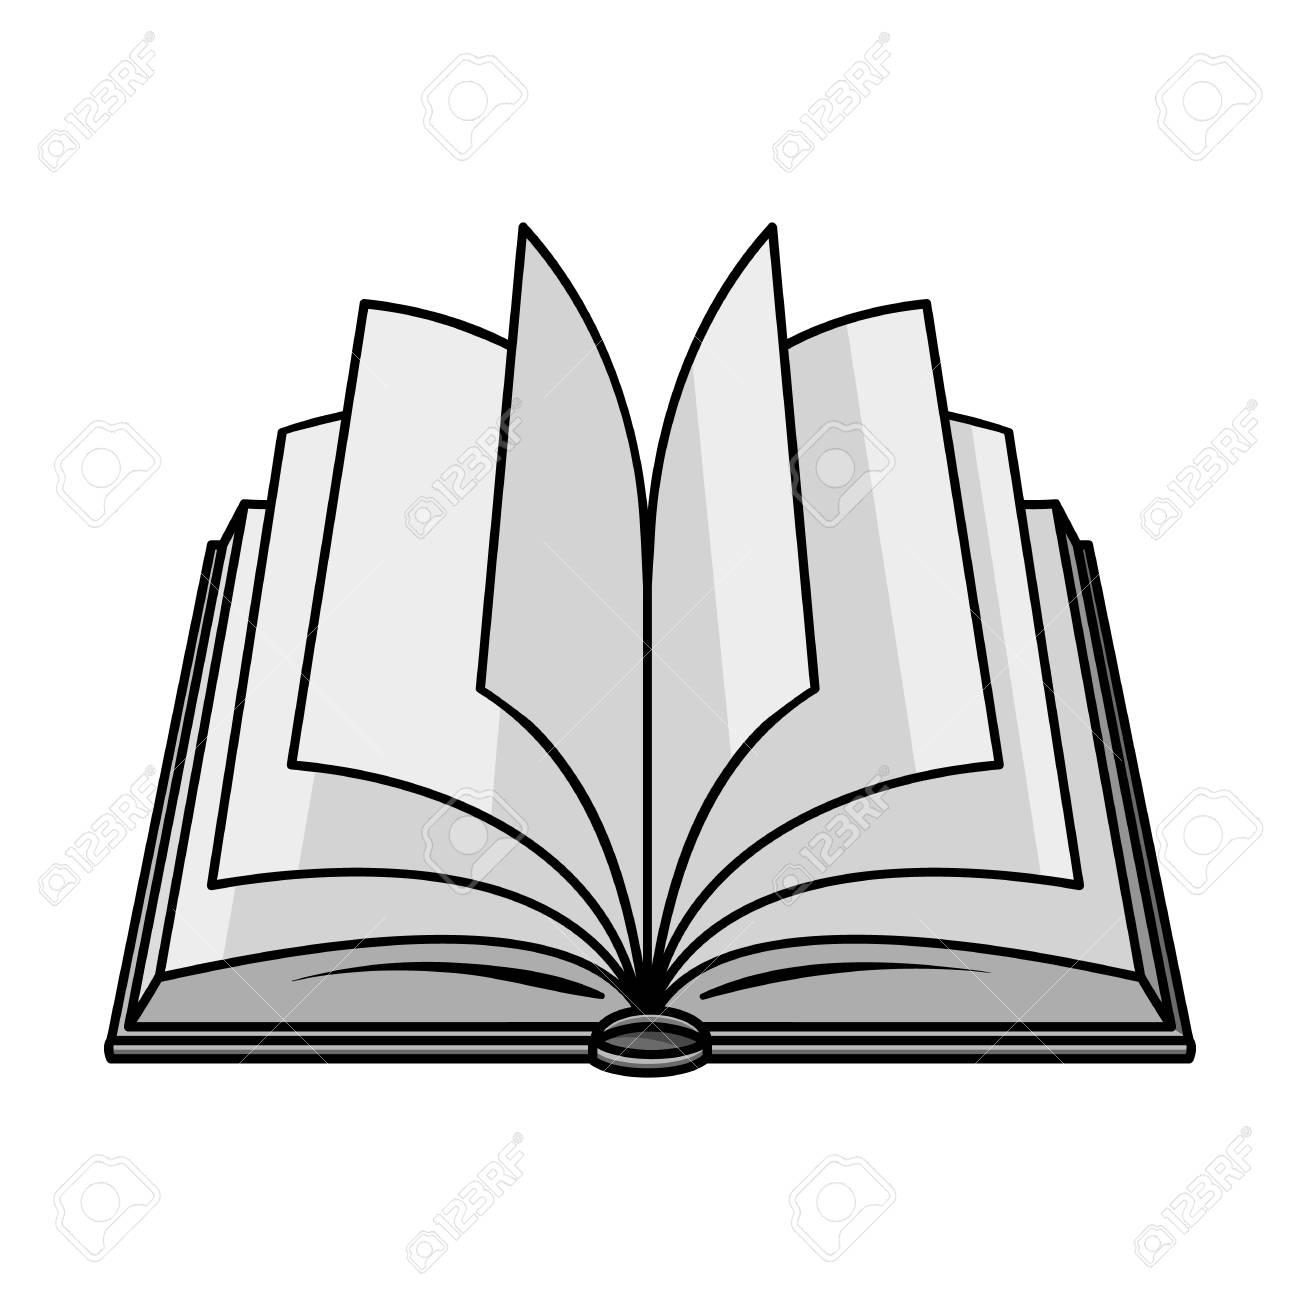 Icone De Livre Ouvert Dans Le Style Monochrome Isole Sur Fond Blanc Livres Symbole Illustration Vectorielle Stock